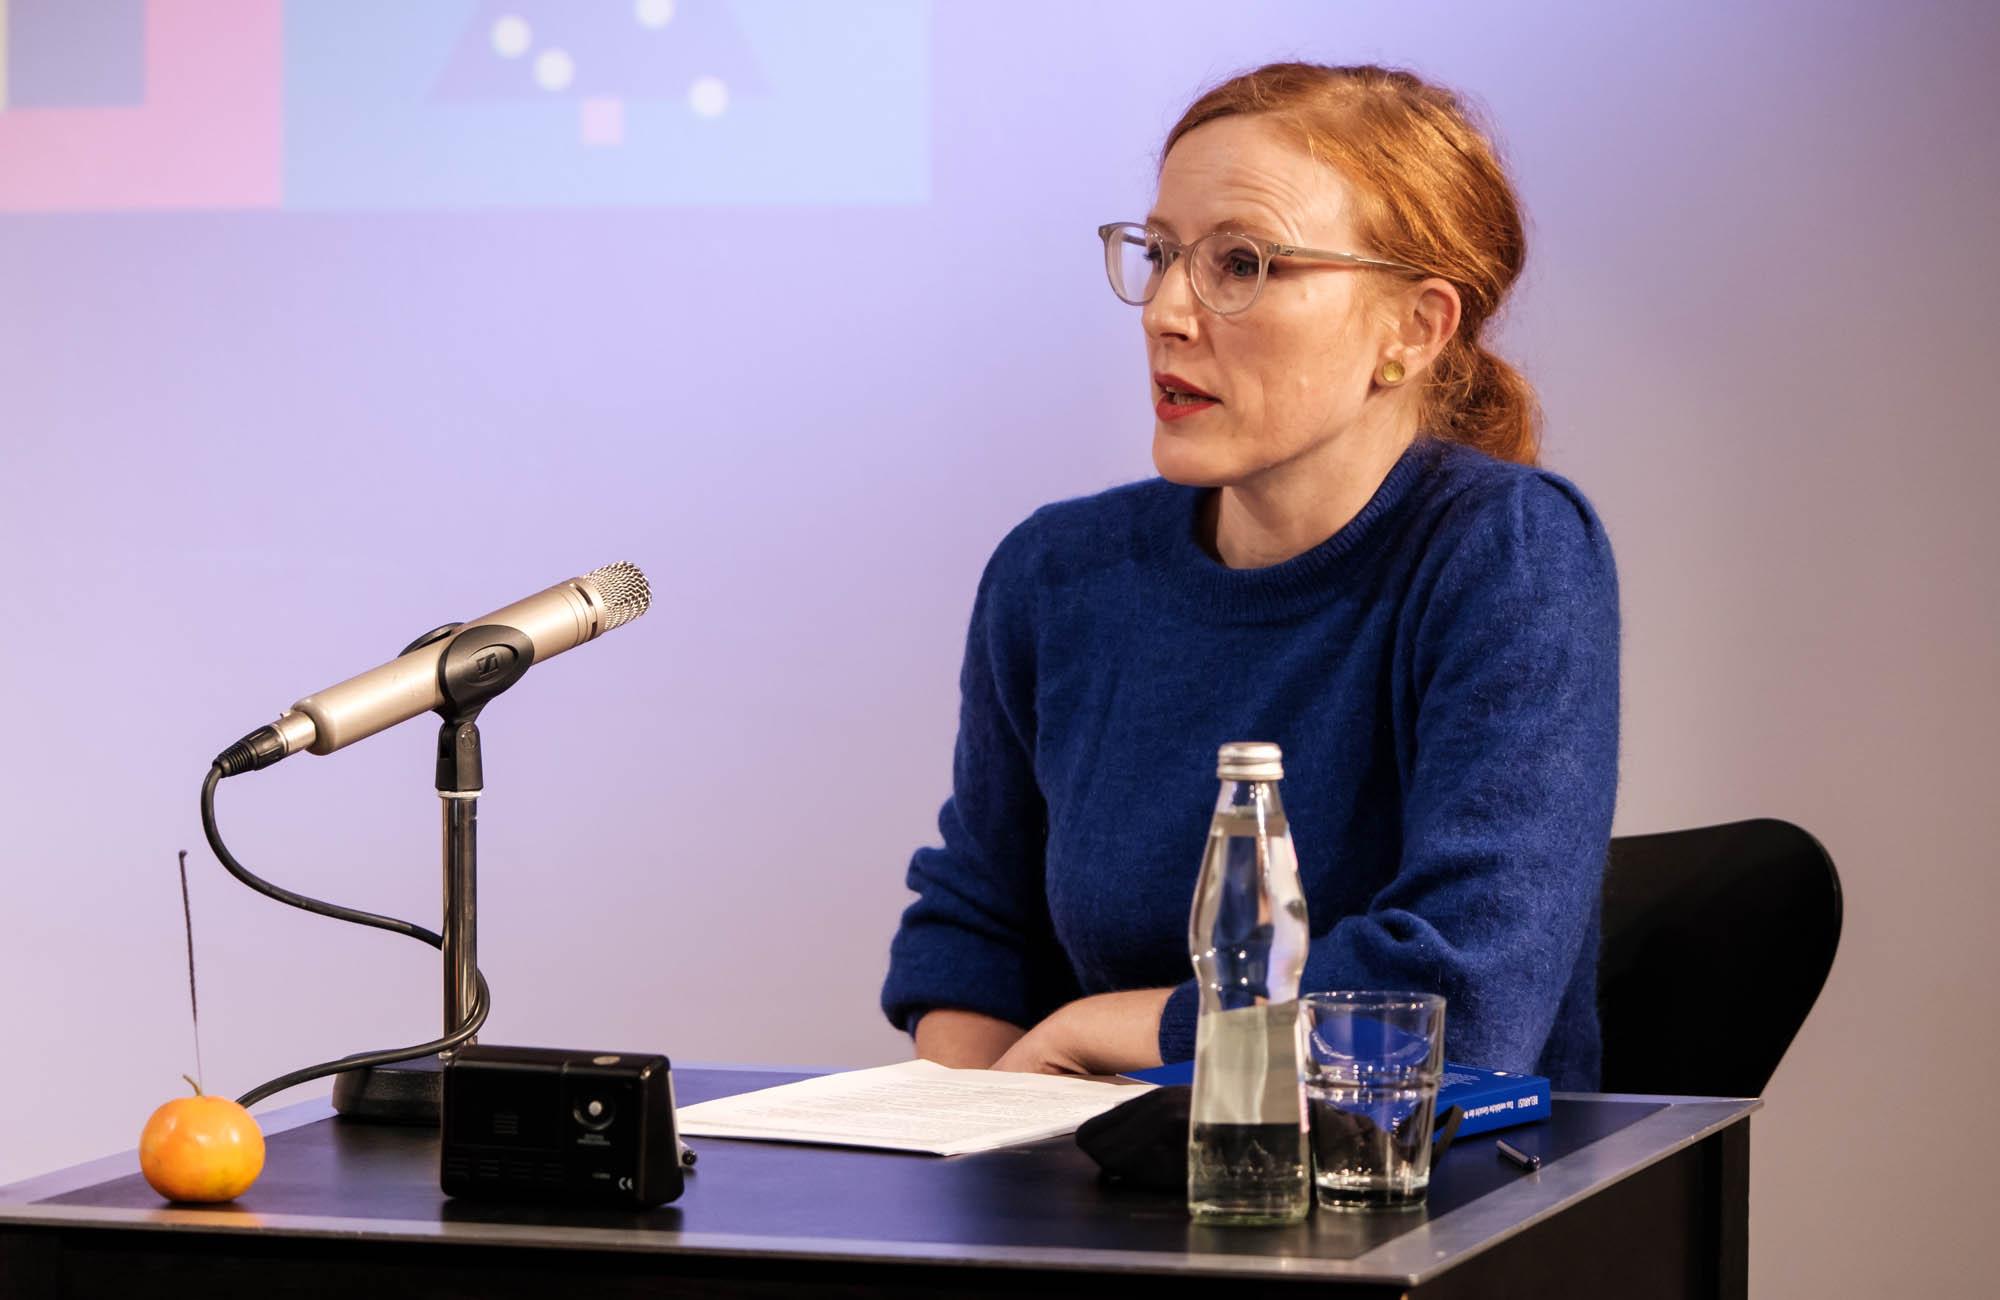 Tania Arcimovič, Nina Weller: Belarus! Das weibliche Gesicht der Revolution <br/>(c) Sebastian Wenzel